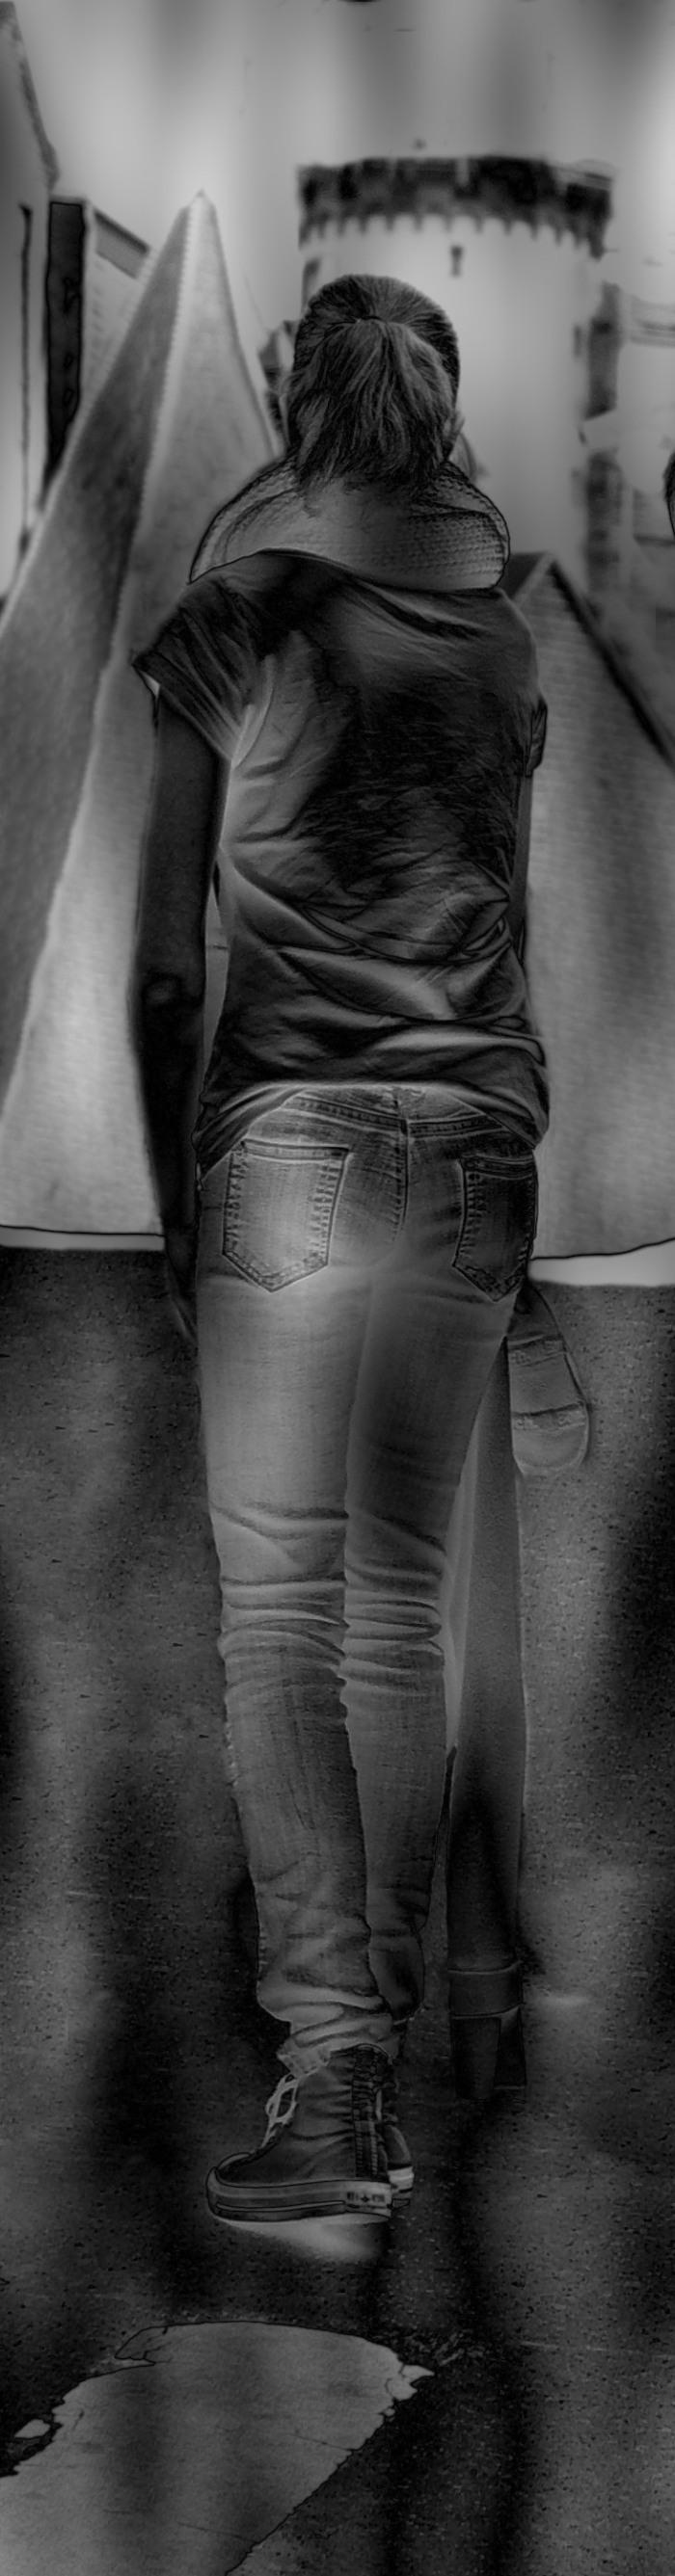 flua jeans   Mies-Vandenbergh-Fotografie